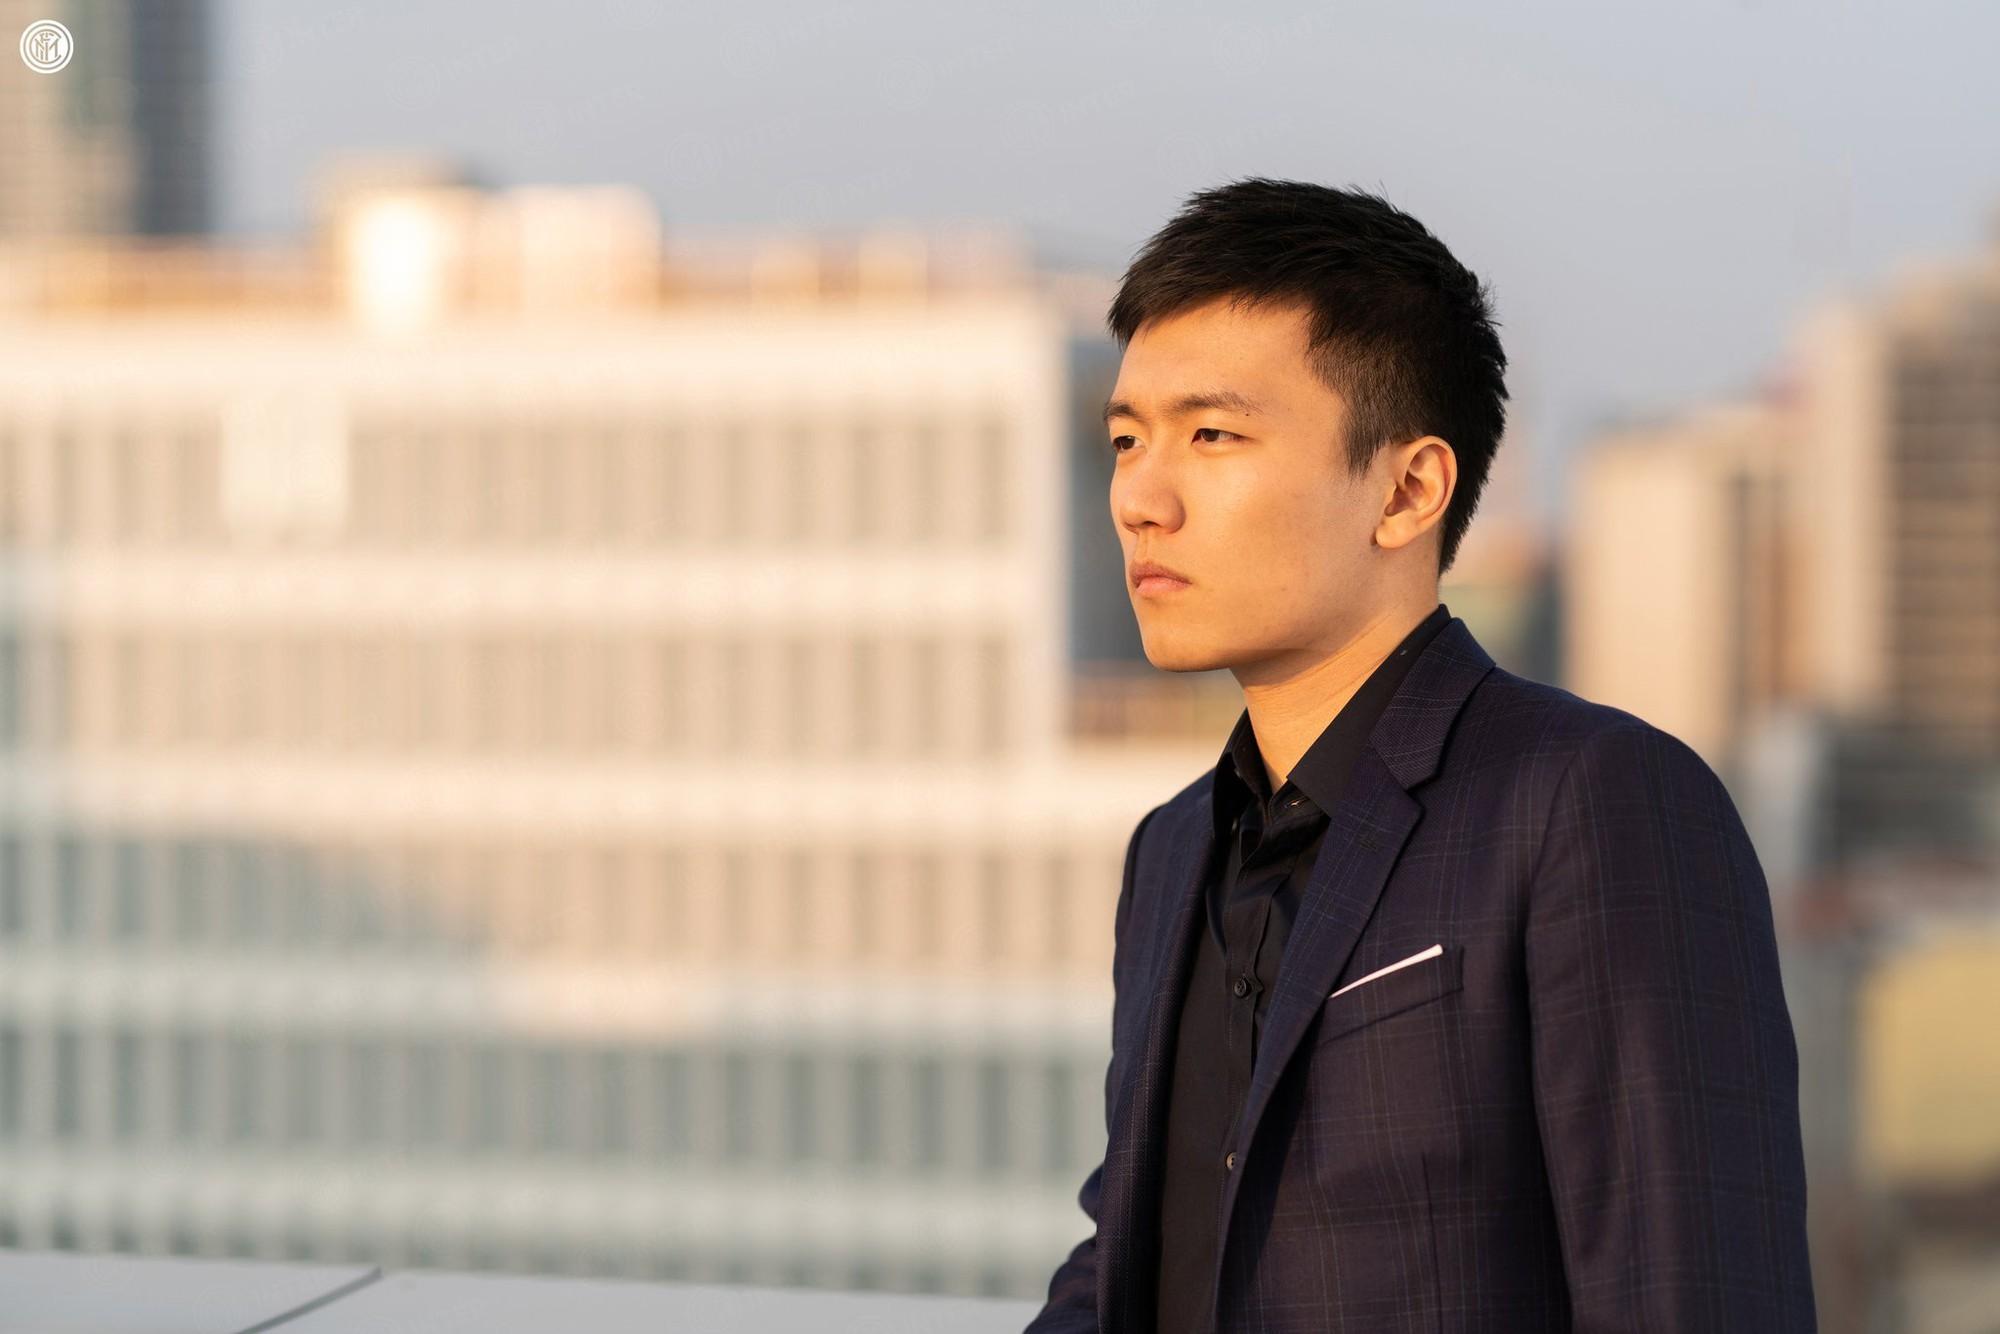 Chân dung tân chủ tịch Inter Milan: 27 tuổi, con trai tỷ phú Trung Quốc, đẹp như tài tử - Ảnh 2.